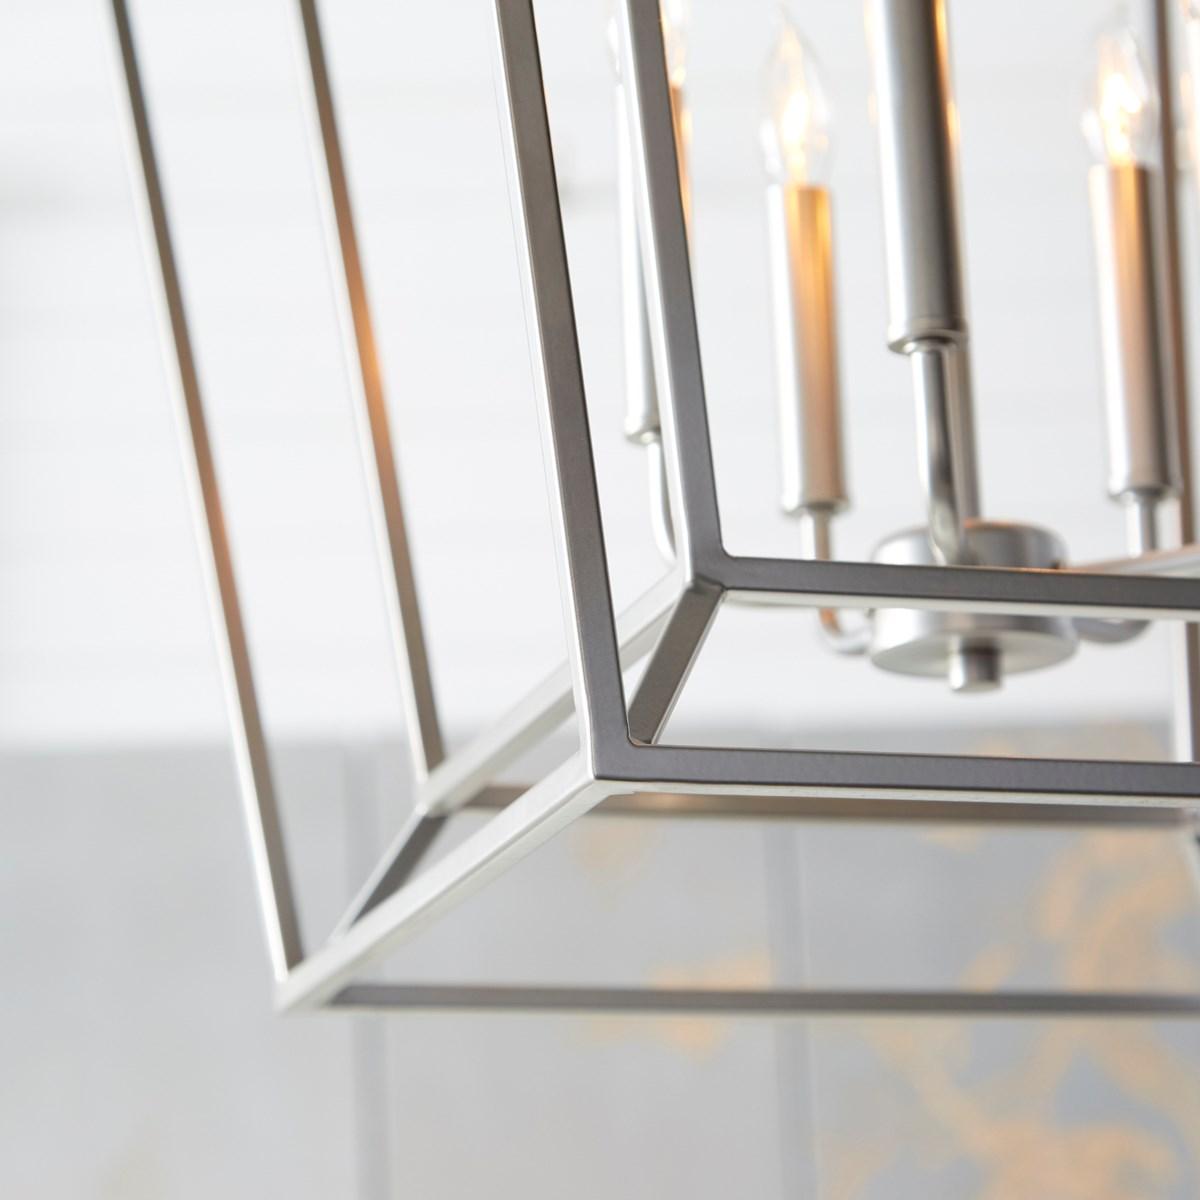 Monument 5 Light Classic Nickel Pendant